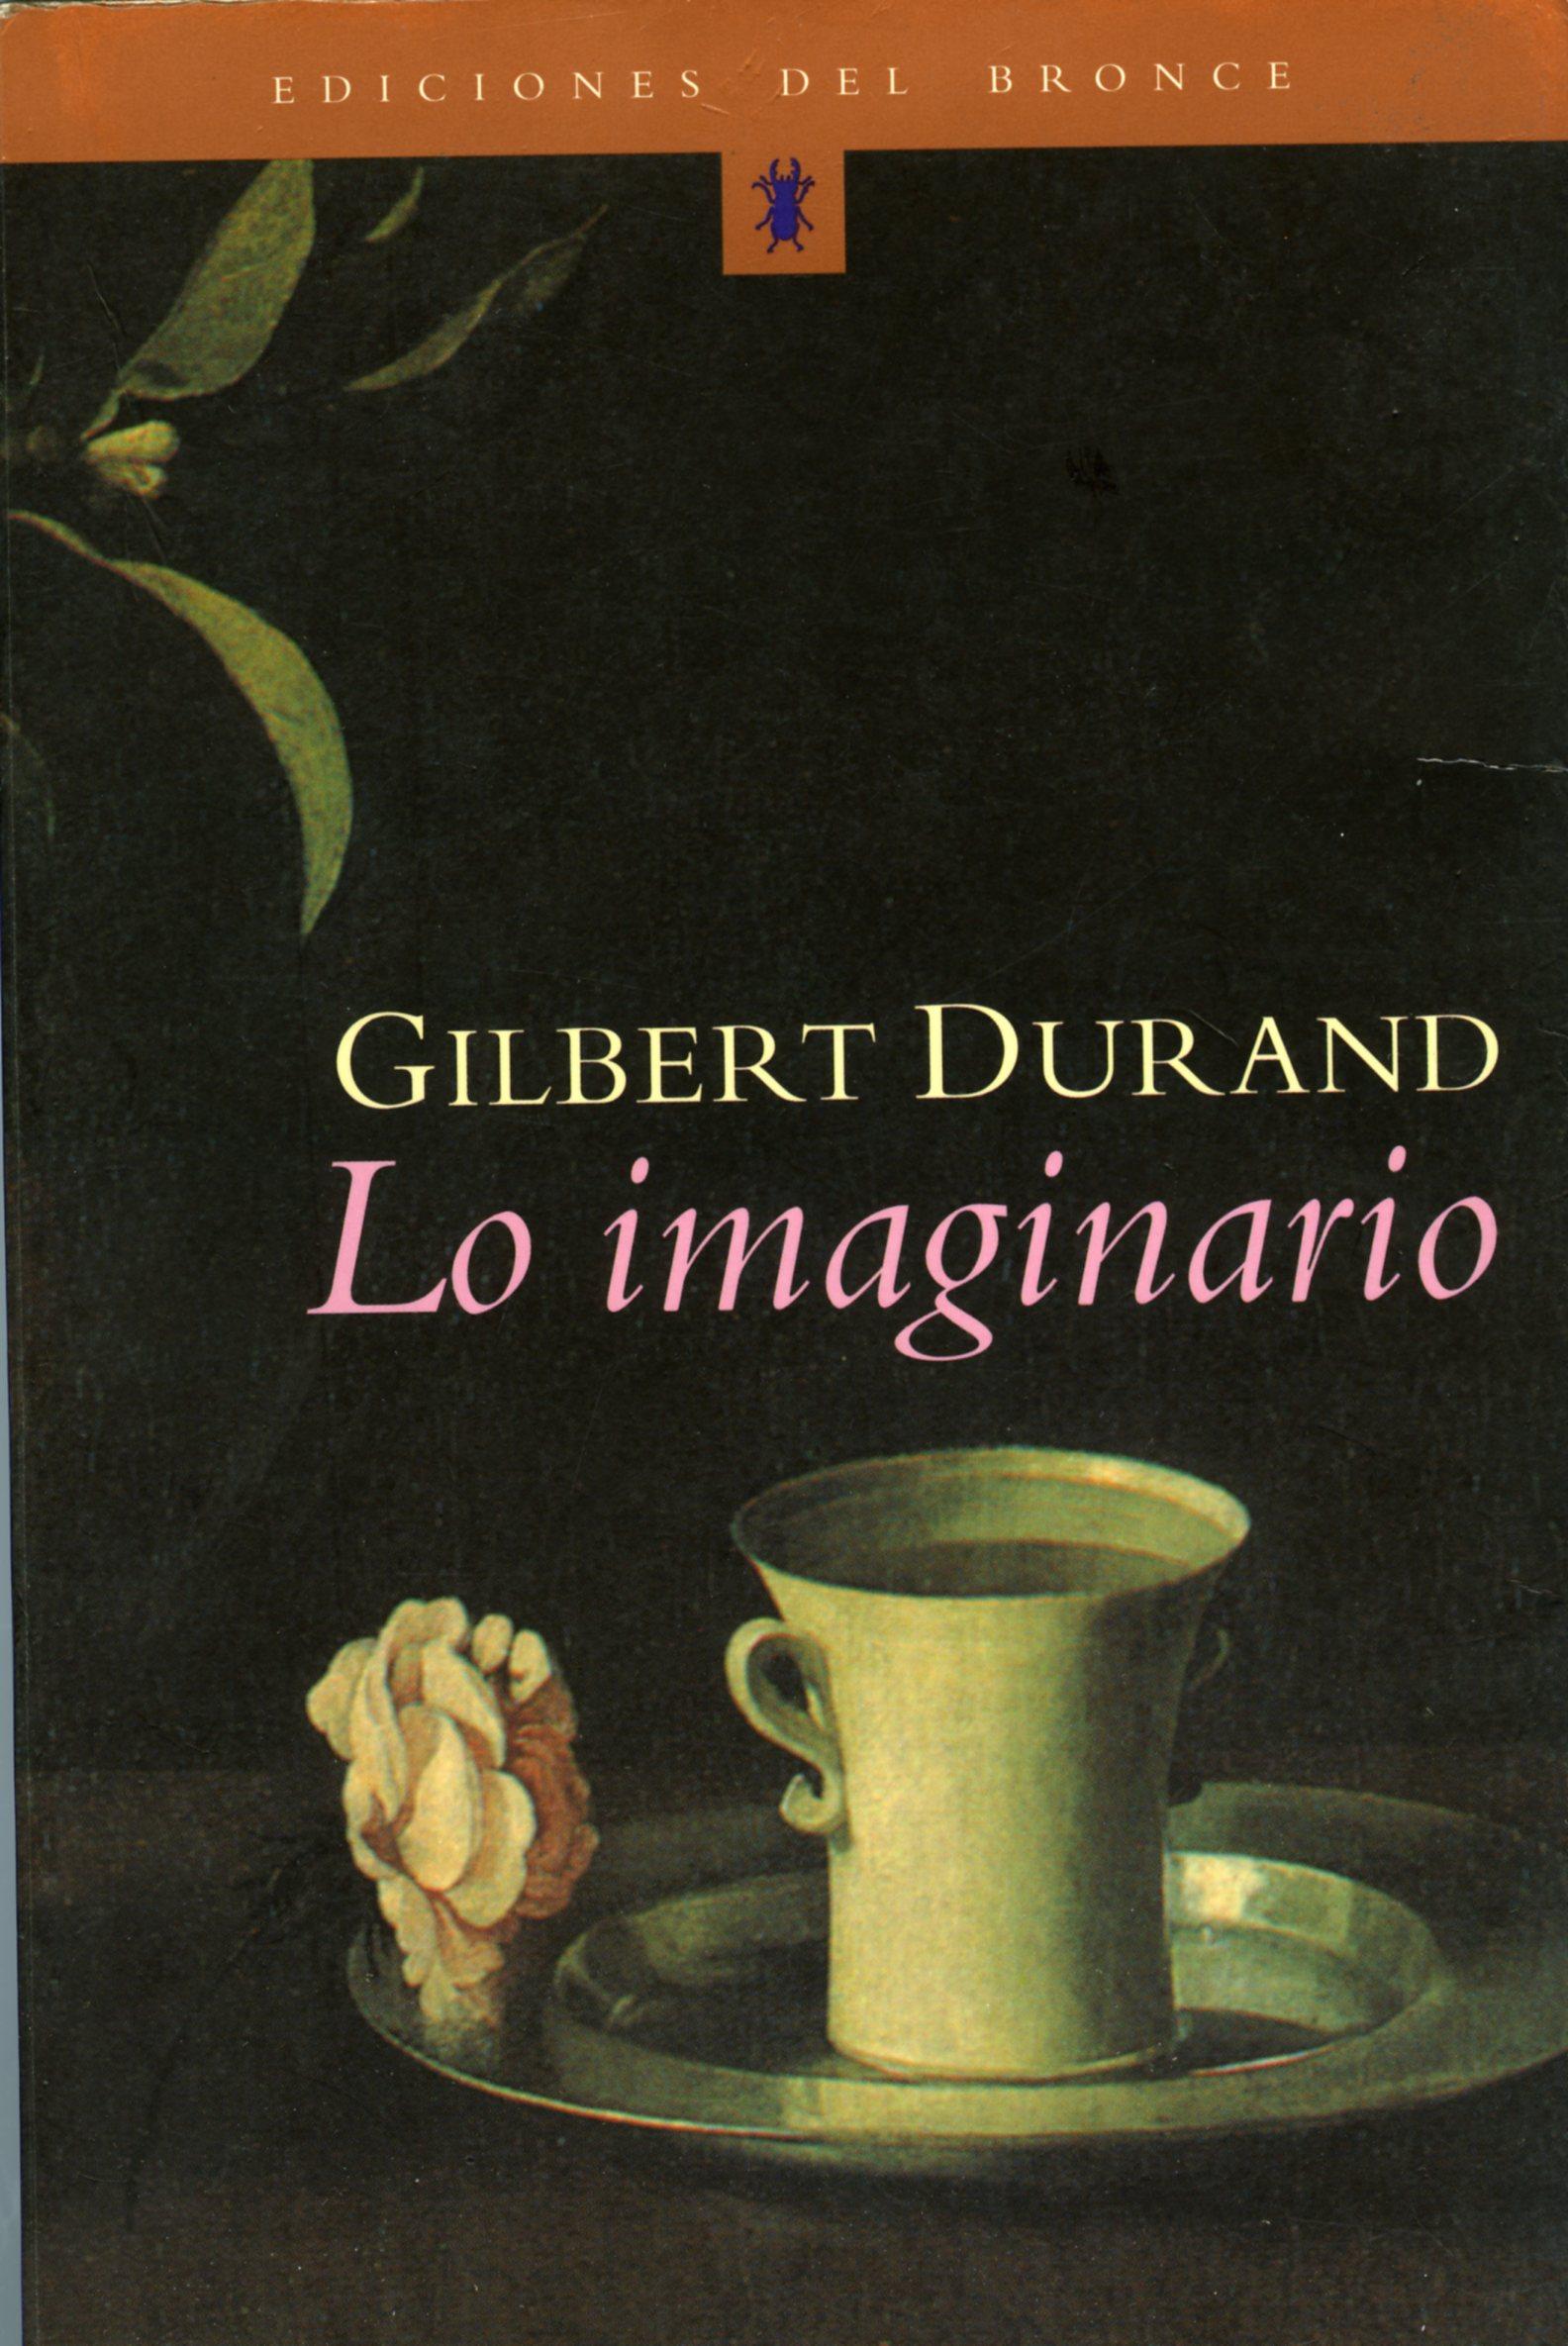 Gilbert Durand